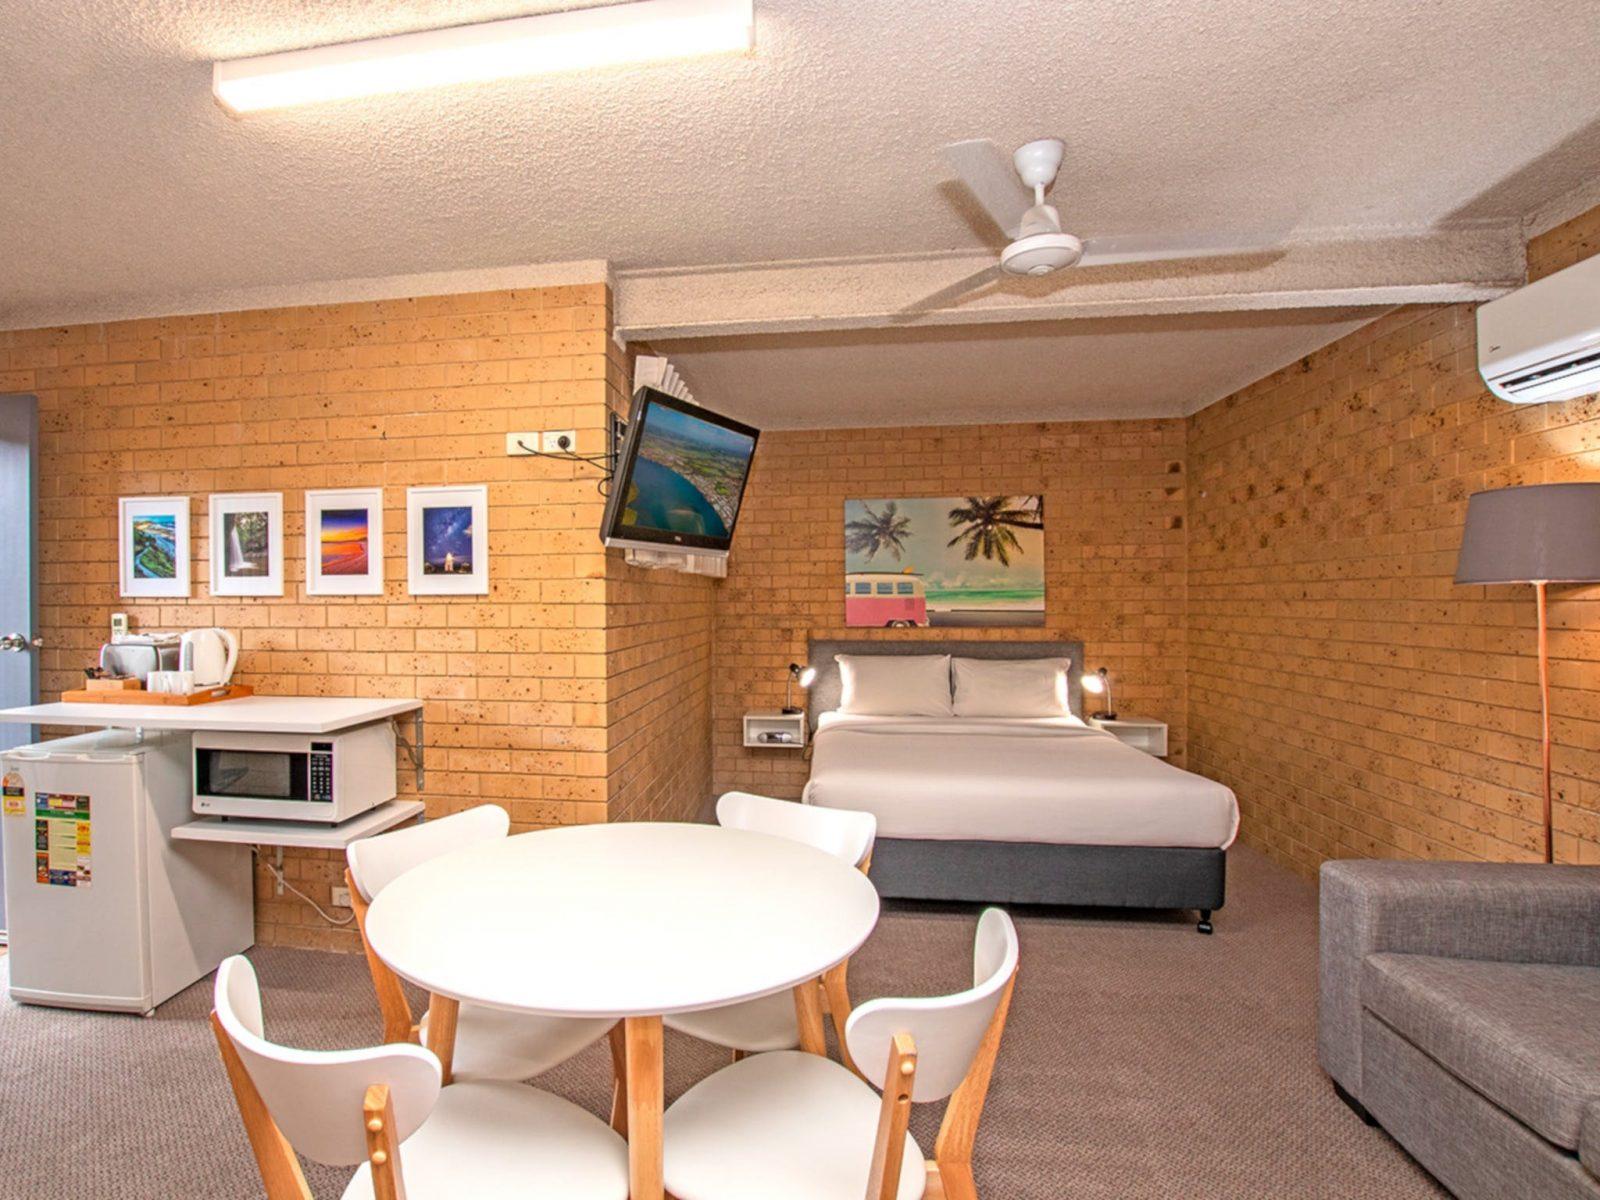 Coast Inn Motel Interior of room